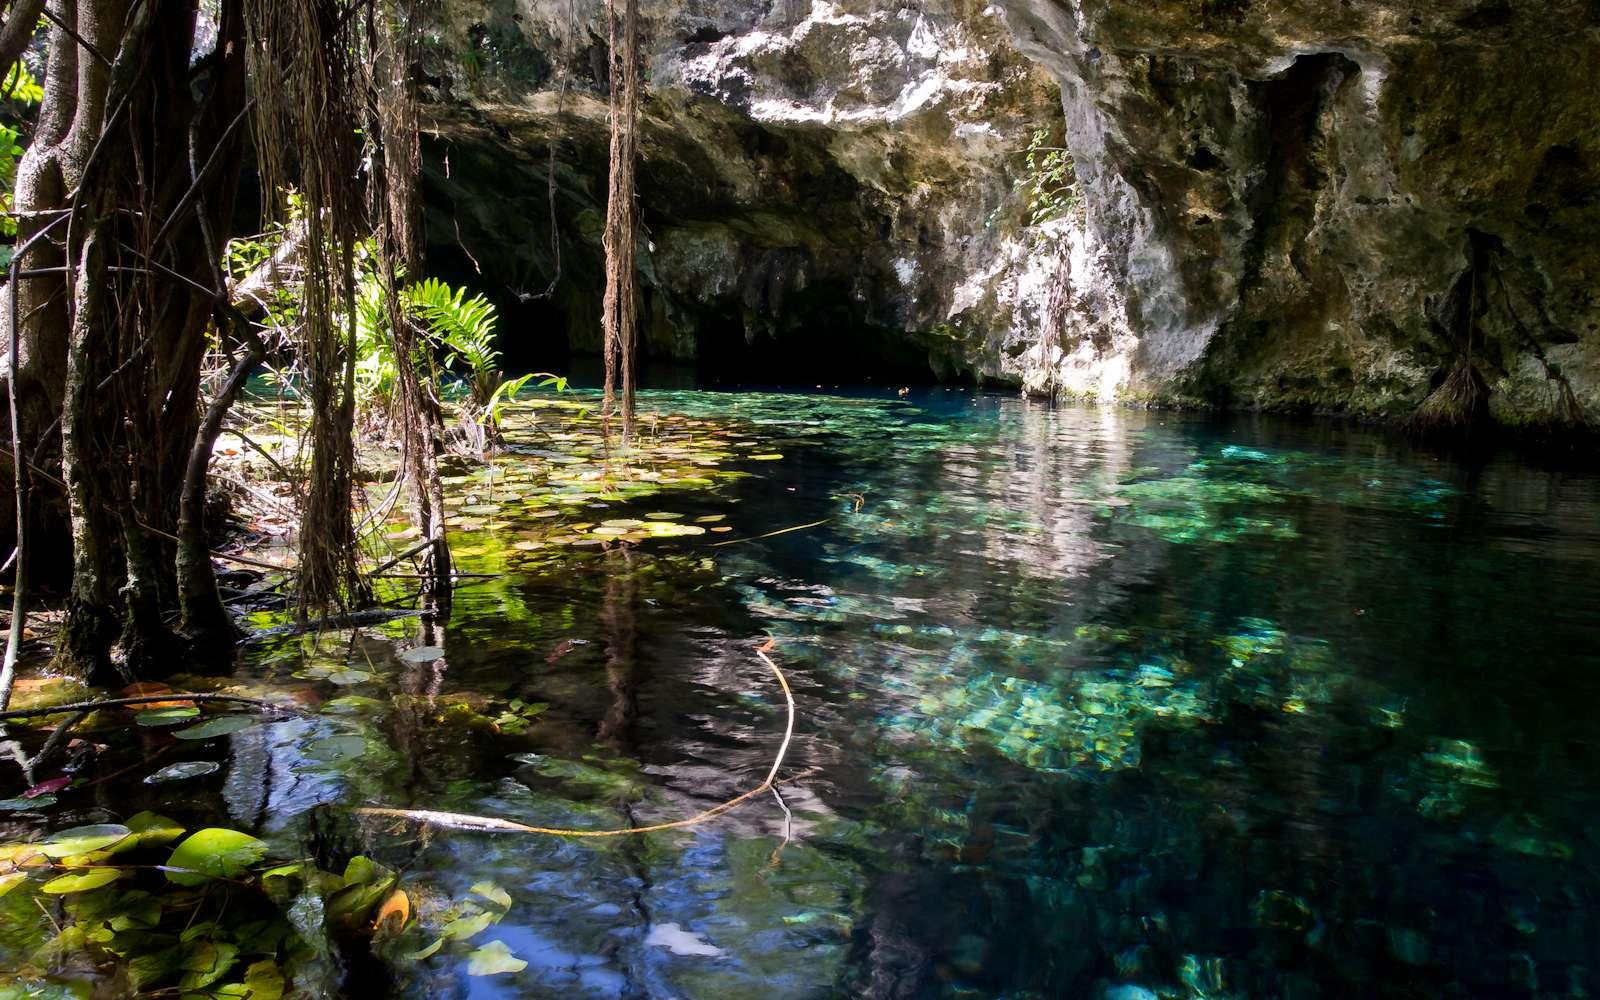 Gran Cenote est une des entrées de Sac Actun, le plus vaste réseaux de cavernes submergées du monde, localisé au Mexique. © Ken Thomas, Wikimedia Commons